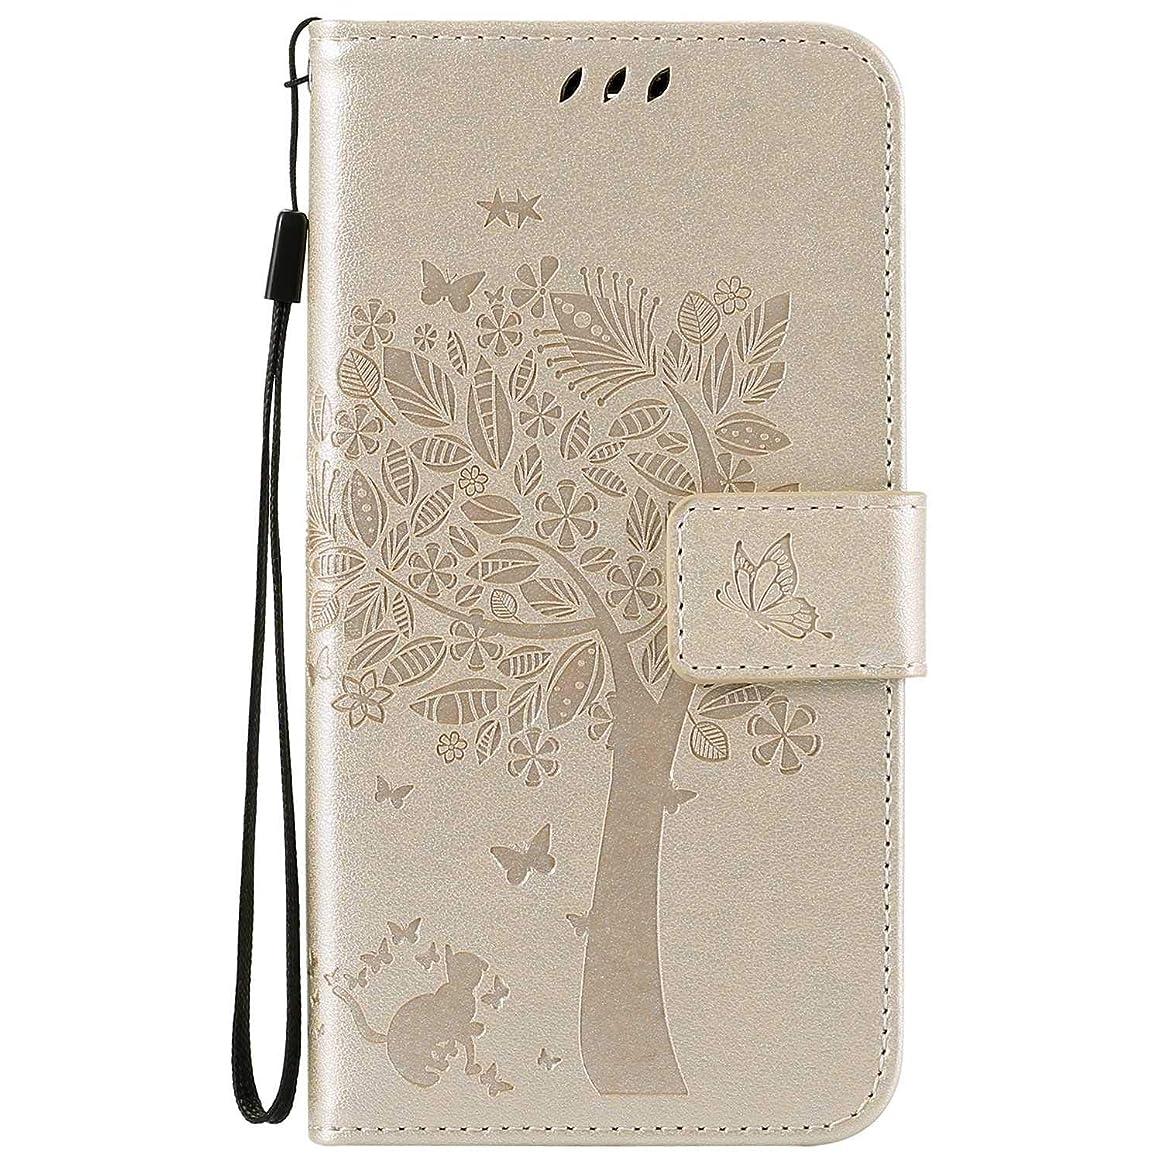 パワーセル雰囲気沿ってOMATENTI LG K7 / K8 ケース 手帳型ケース ウォレット型 カード収納 ストラップ付き 高級感PUレザー 押し花木柄 落下防止 財布型 カバー LG K7 / K8 用 Case Cover, 白